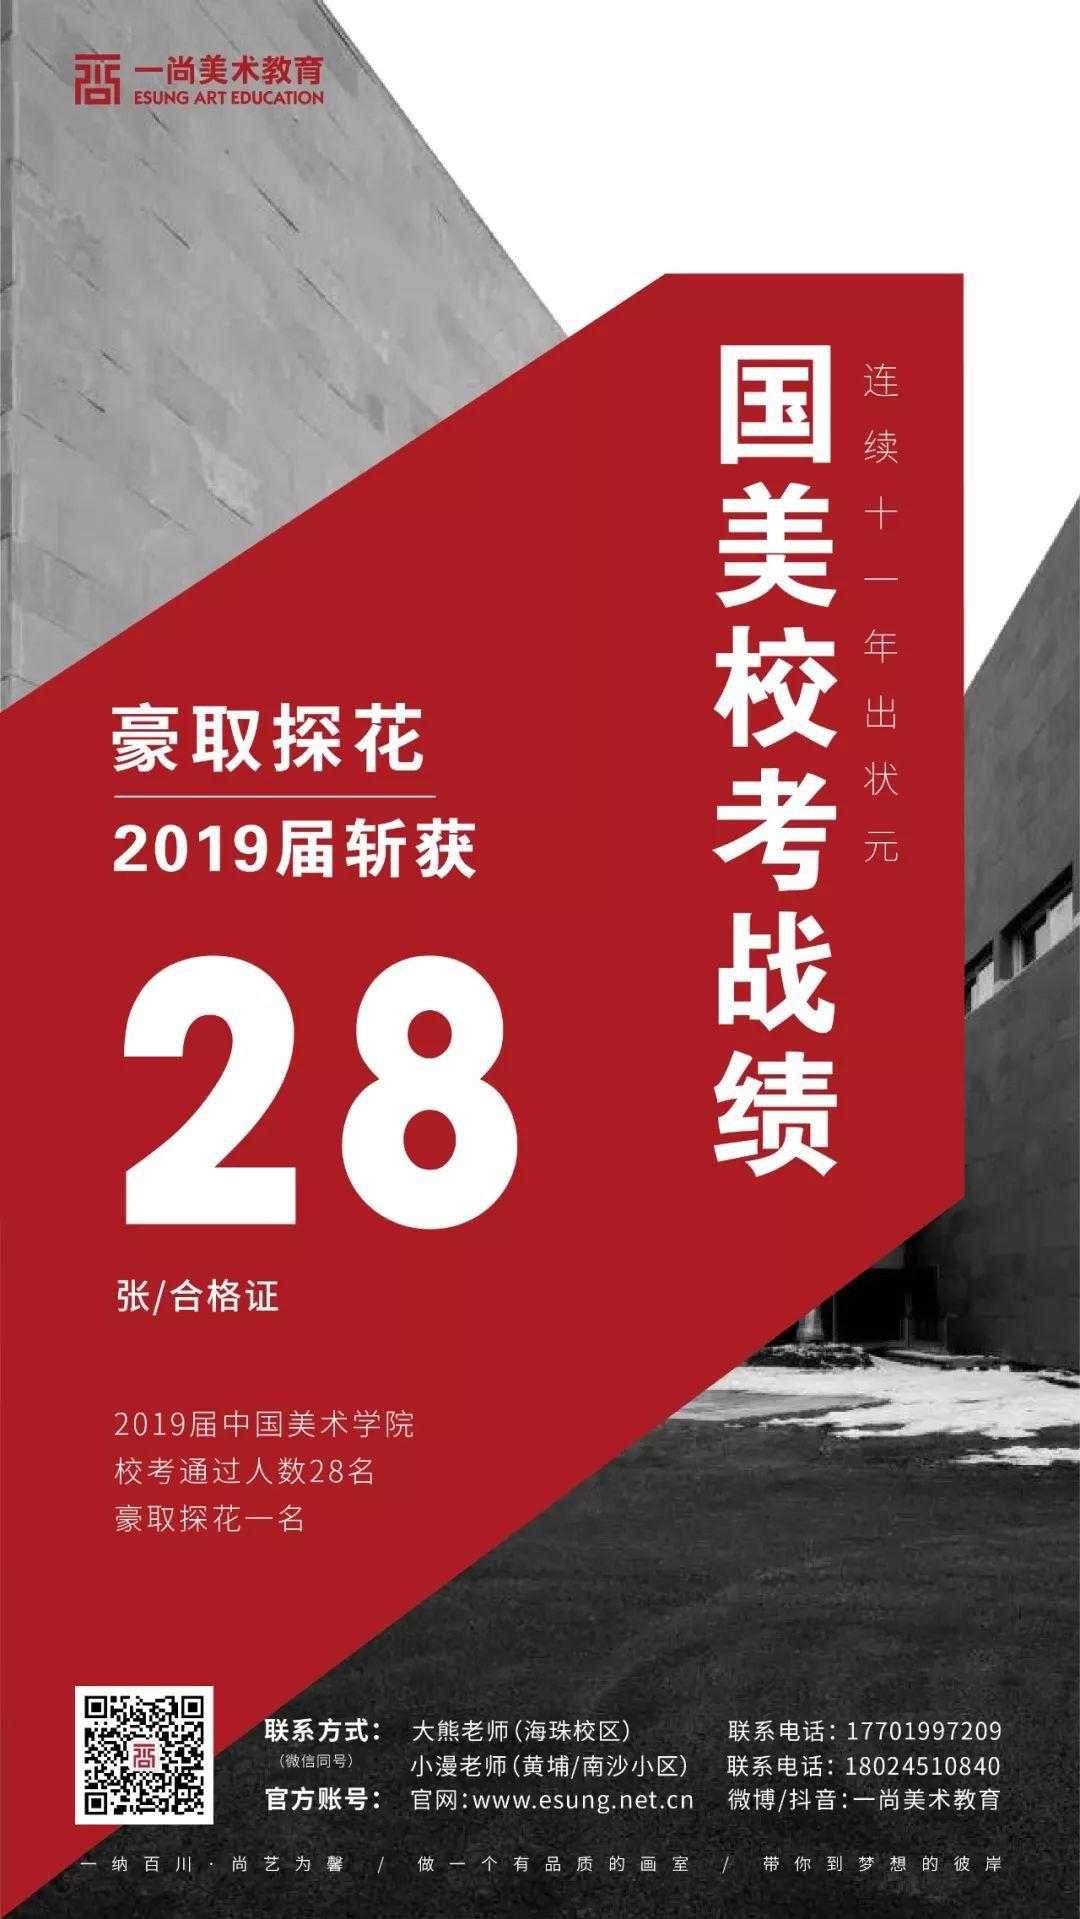 追梦的时候,我们甚至来不及告别|广州度岸画室       15